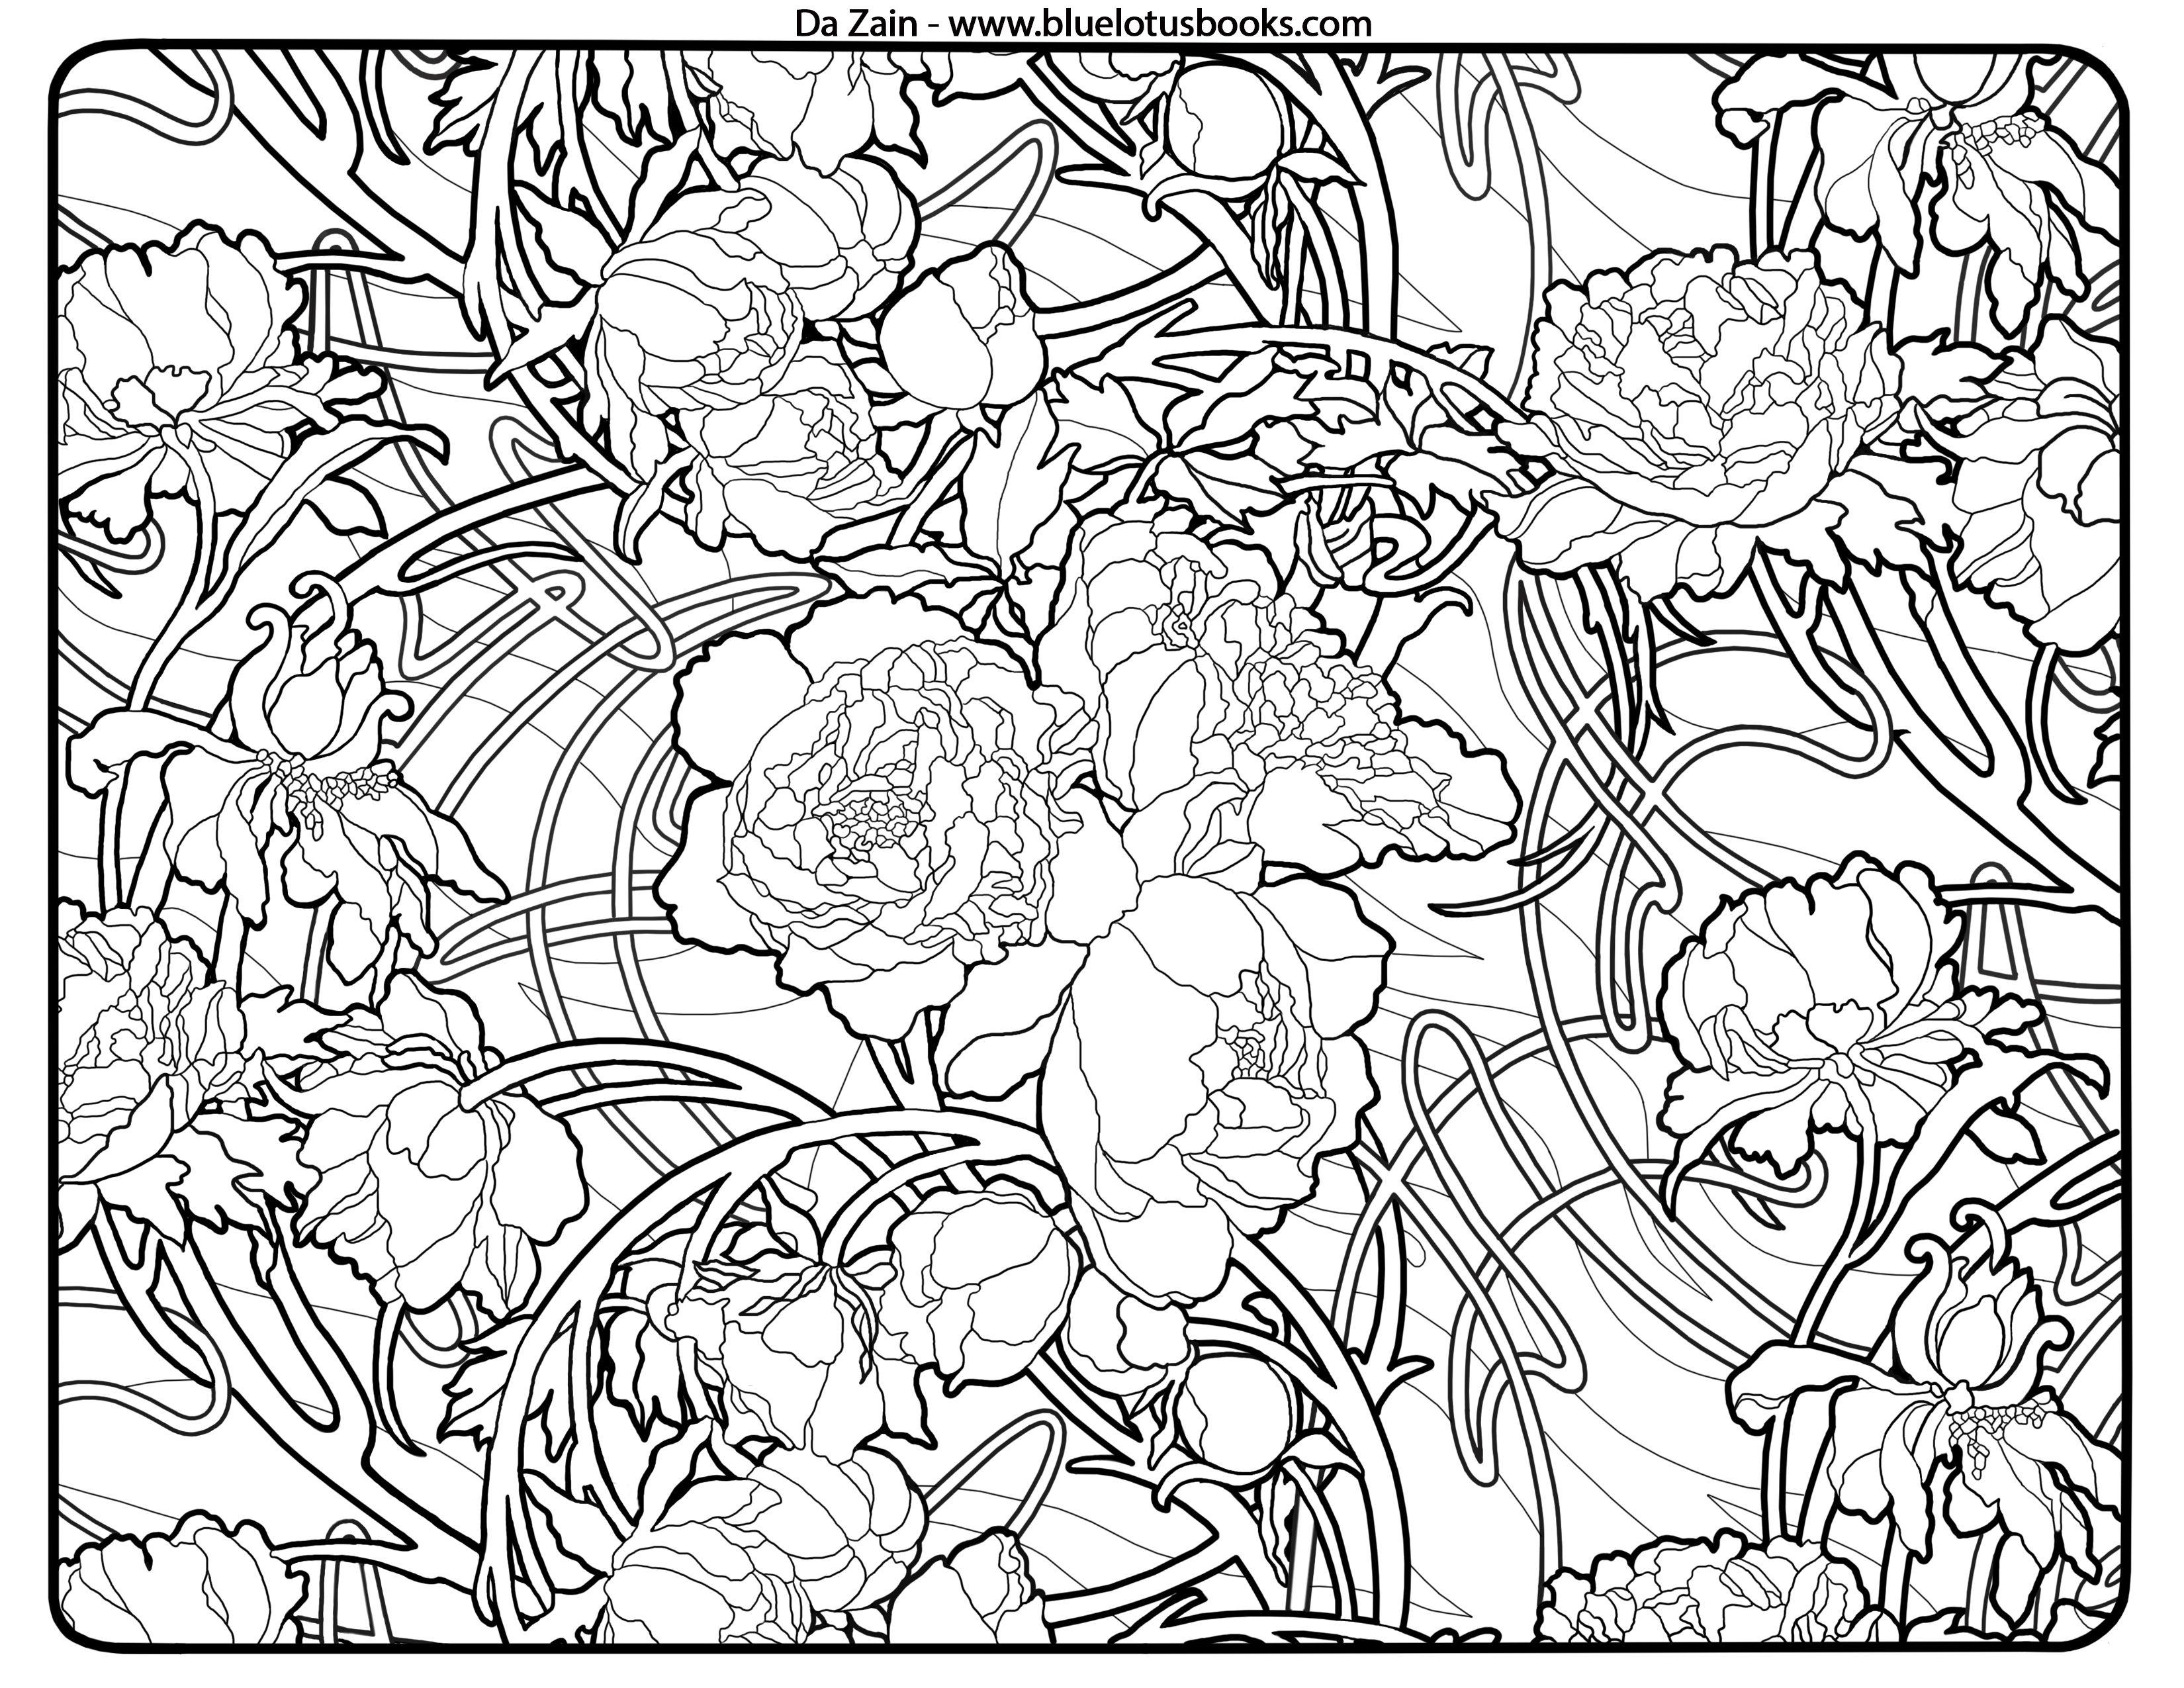 3300x2550 Art Nouveau Coloring Pages Alfons Mucha Ltbgtart Nouveaultgt Free